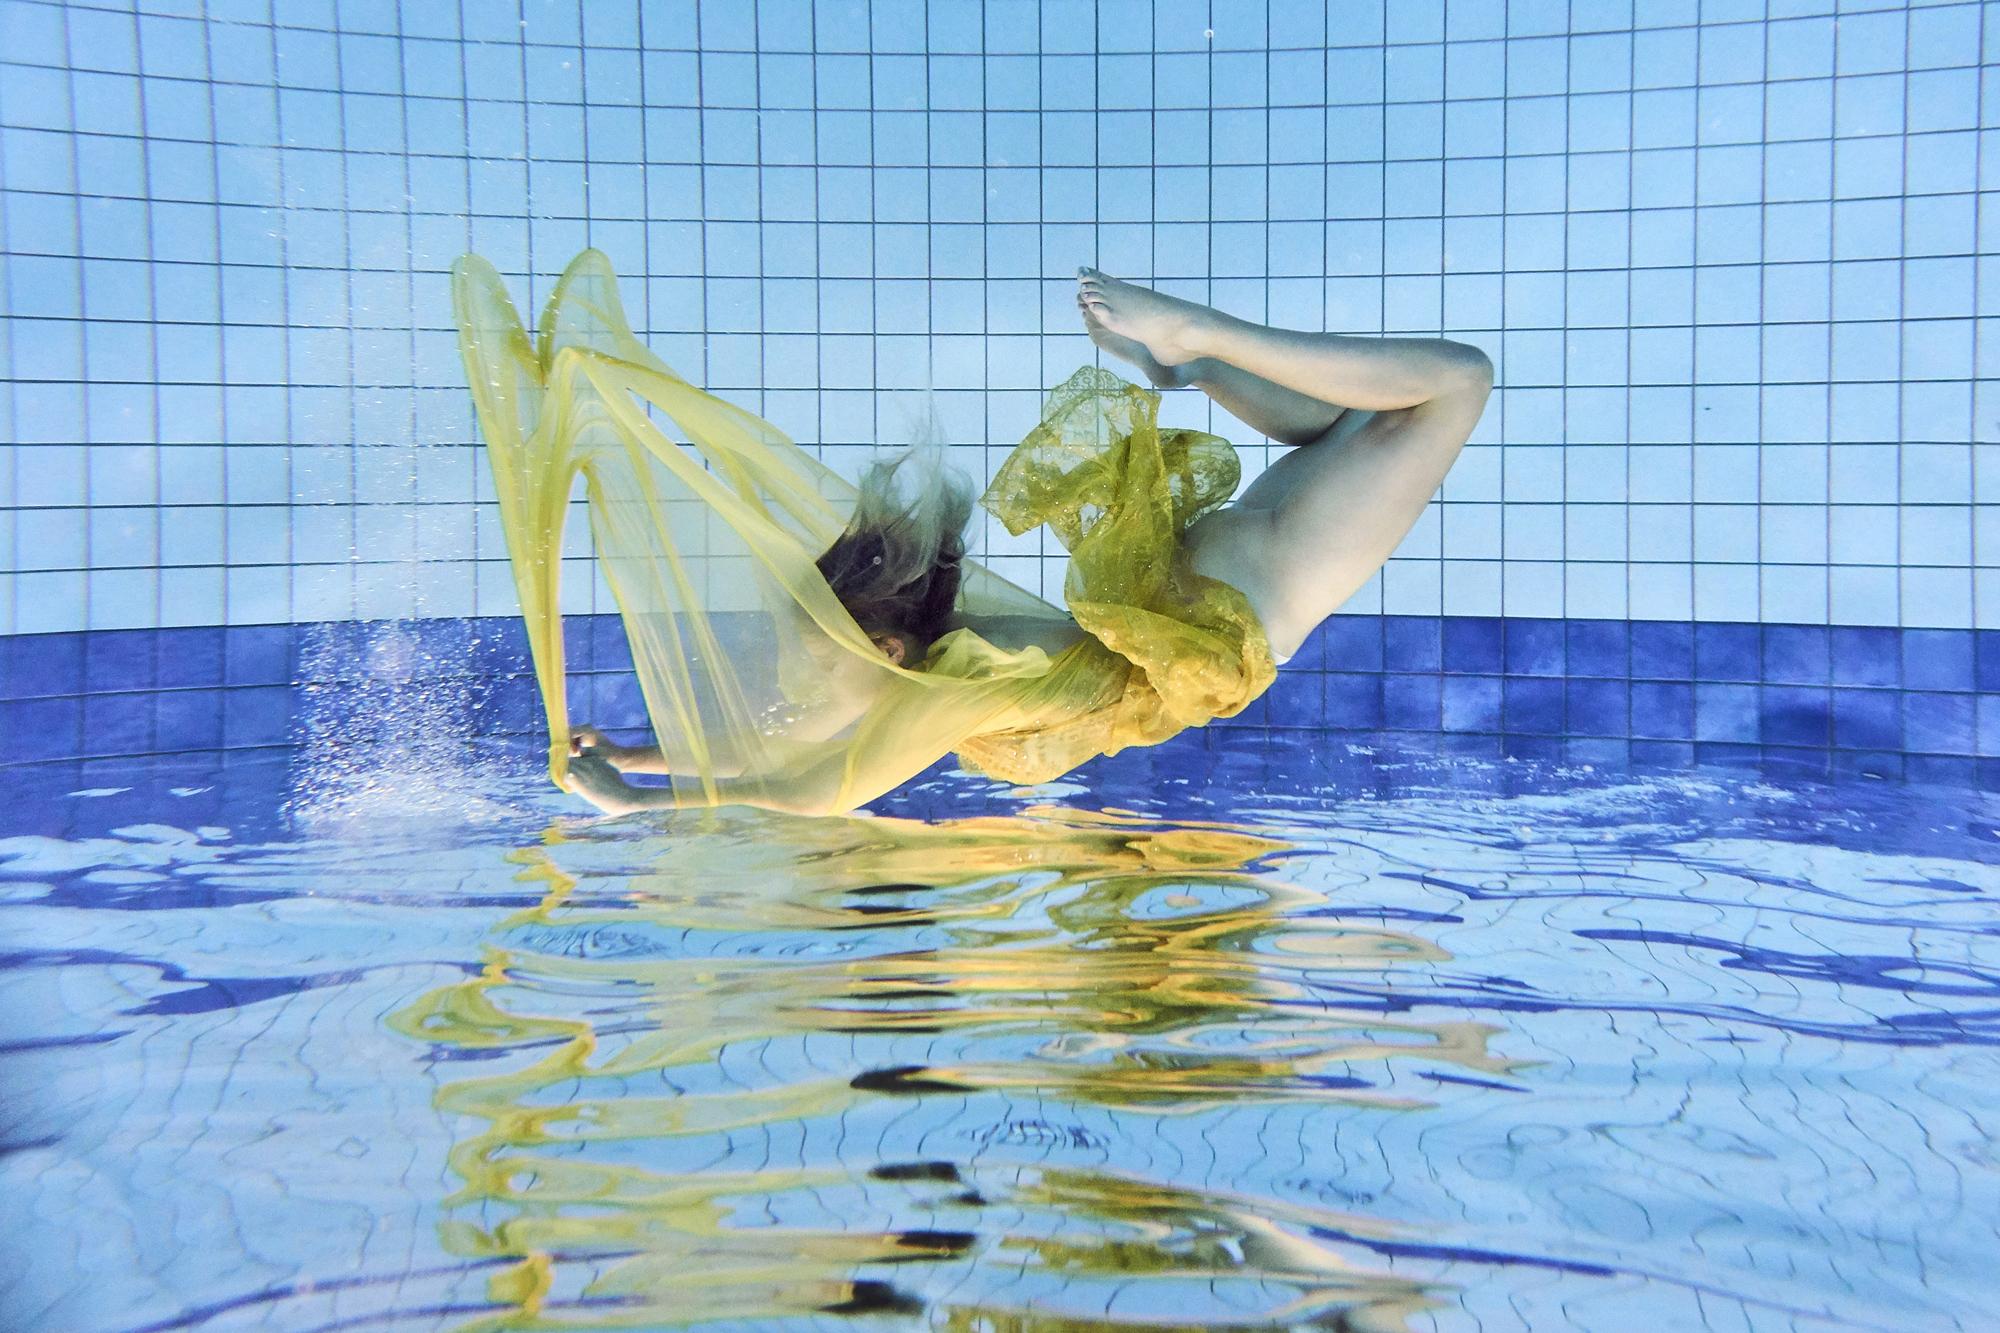 ©Bianca Turri - Underwater world